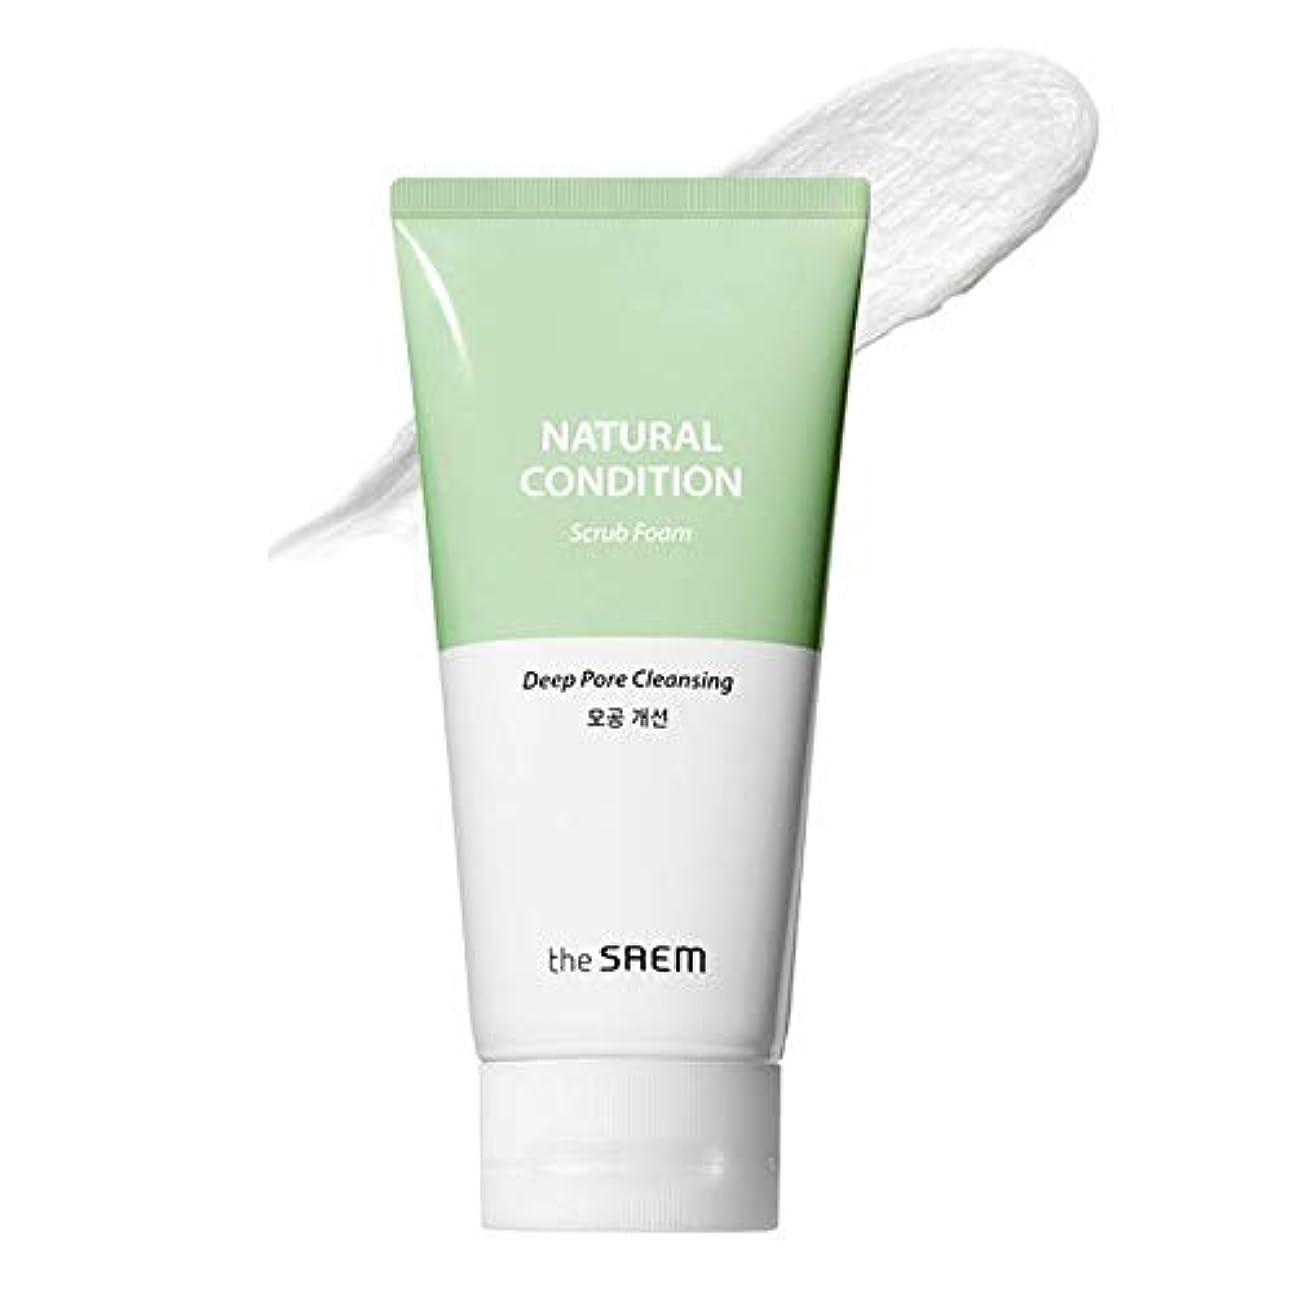 浸透する促す少年The Saem Natural Condition Scrub Foam [Deep pore cleansing] / ザセム ナチュラルコンディションスクラブフォーム[毛穴改善] [並行輸入品]